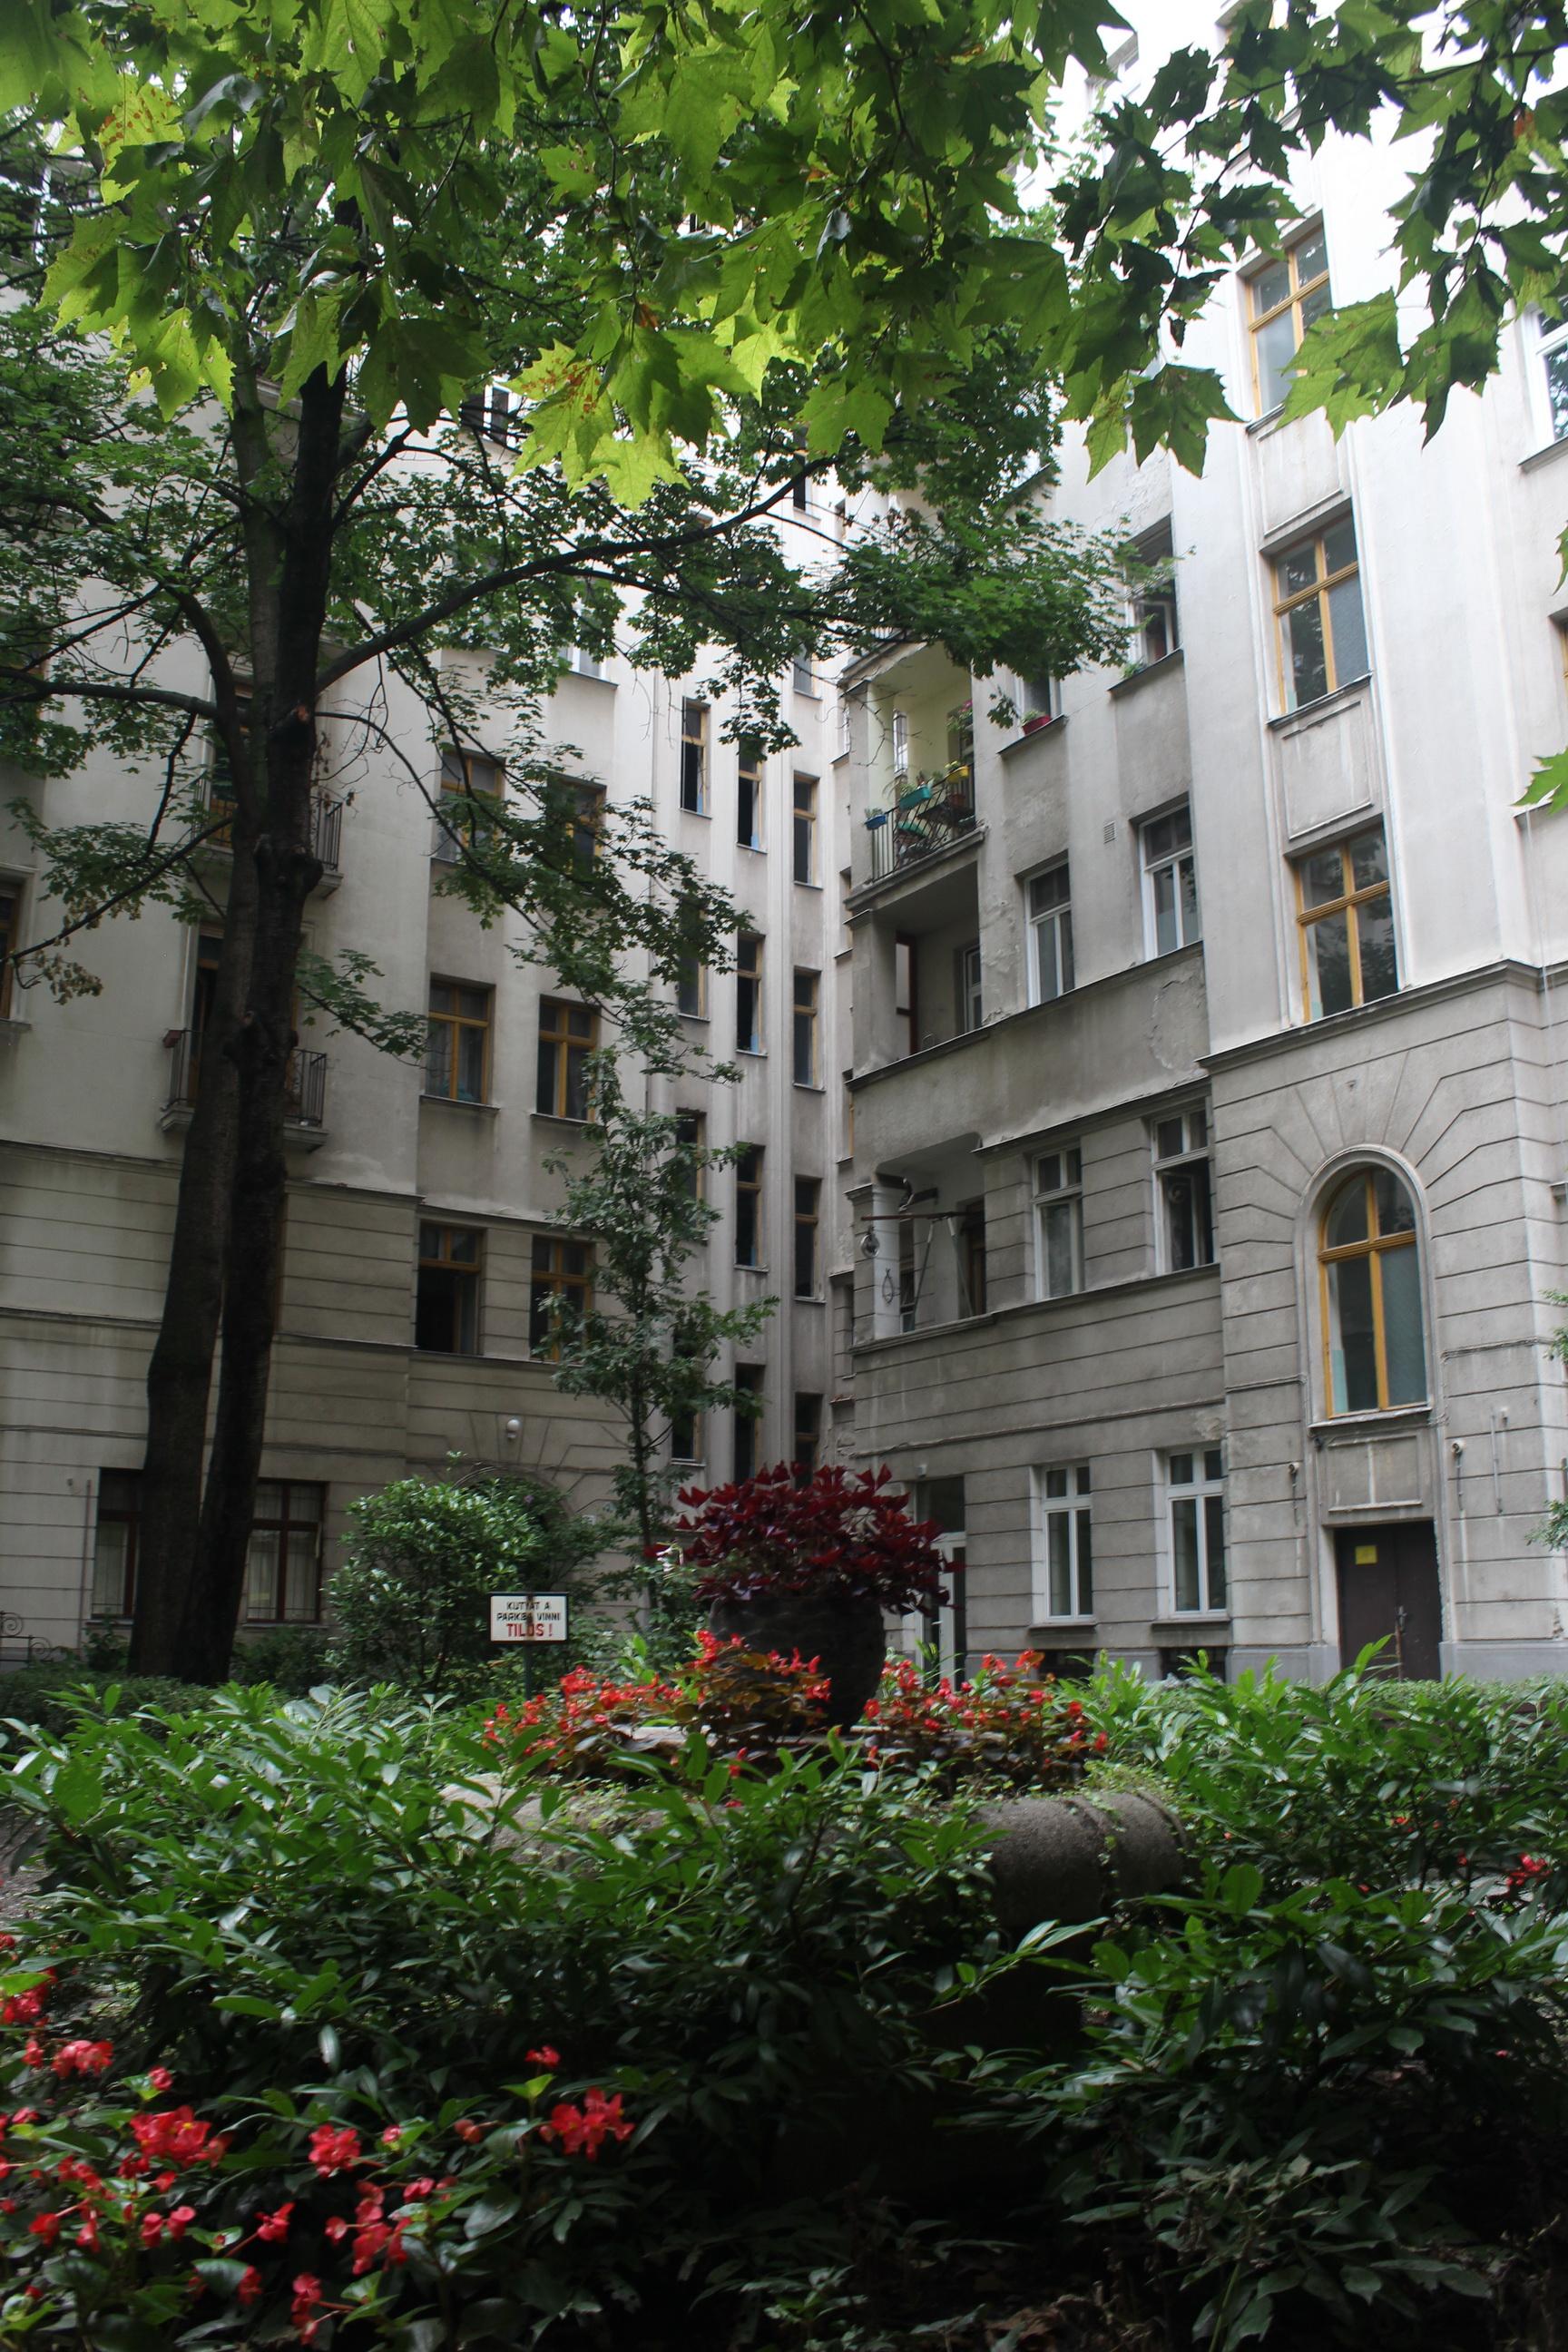 Phönix-Turul ház, 2020. (Fotó: Papp Géza, Fővárosi Blog)